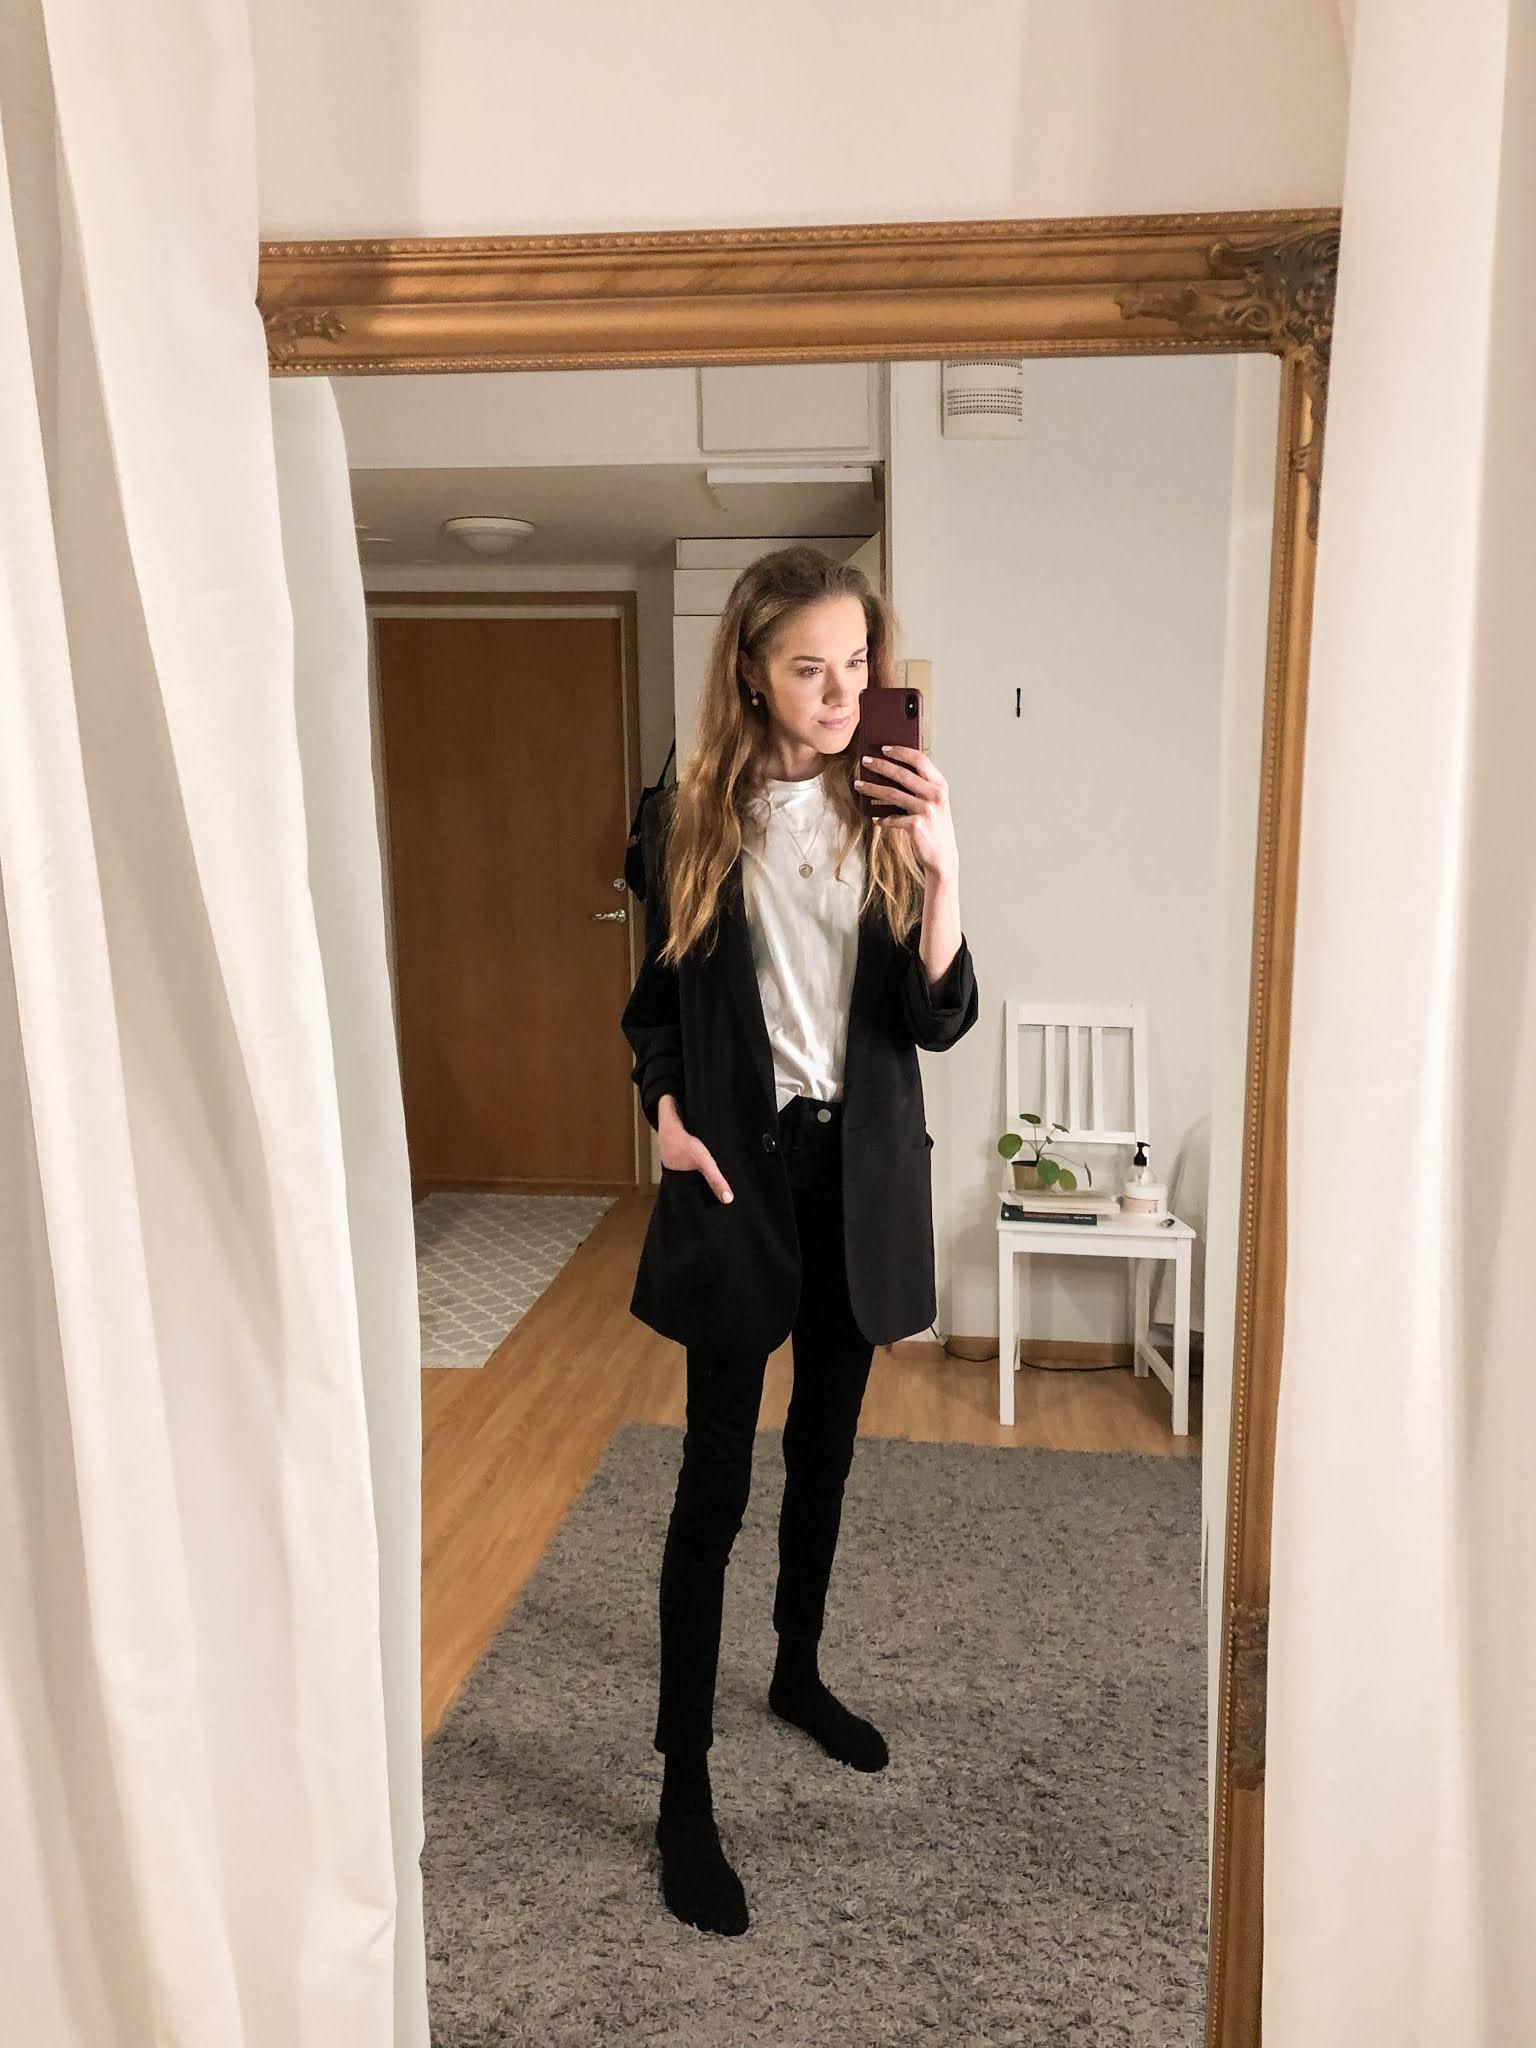 Klassinen pukeutuminen, naisten muoti // Classic style, women's fashion